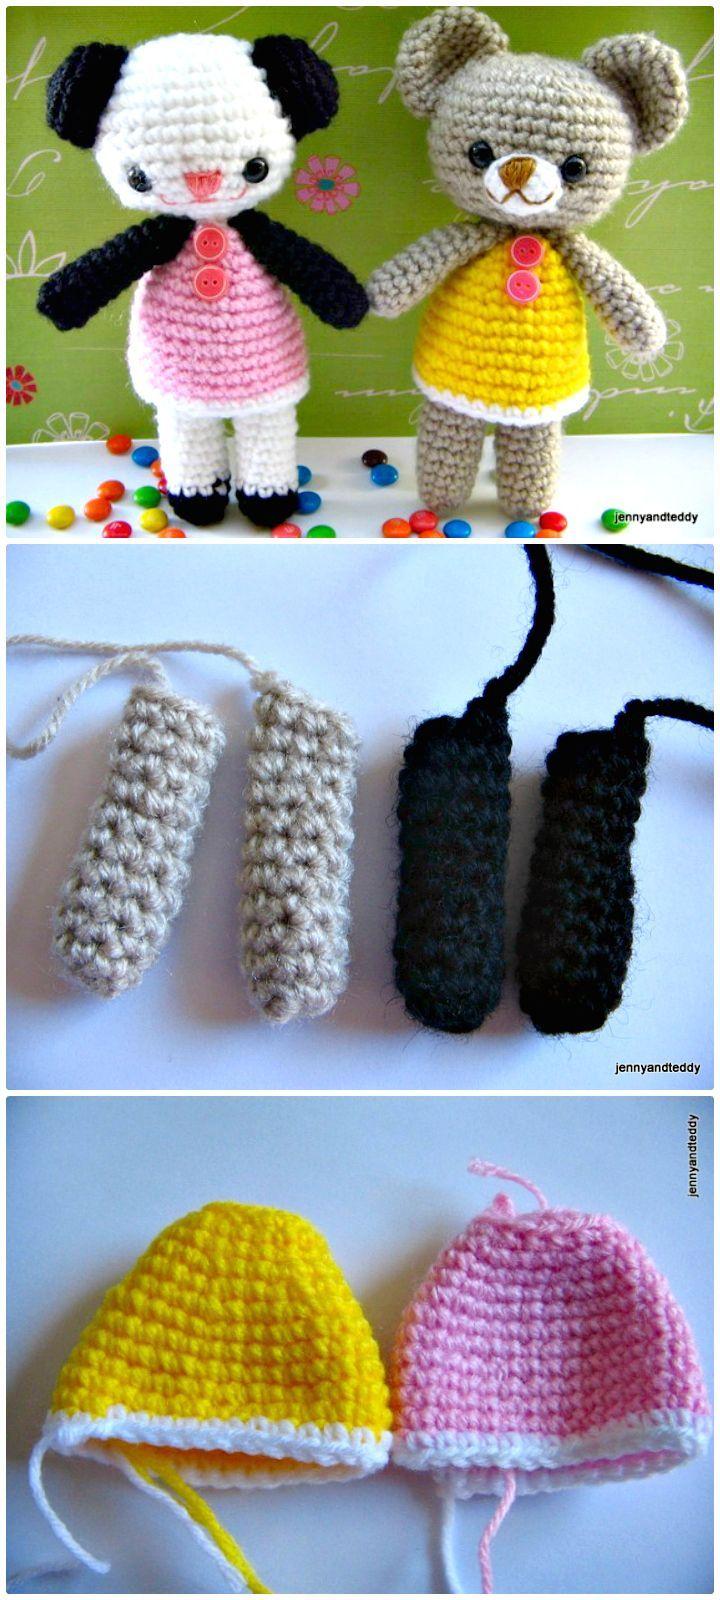 Famoso Los Patrones De Crochet Libre Lindo Ilustración - Ideas de ...